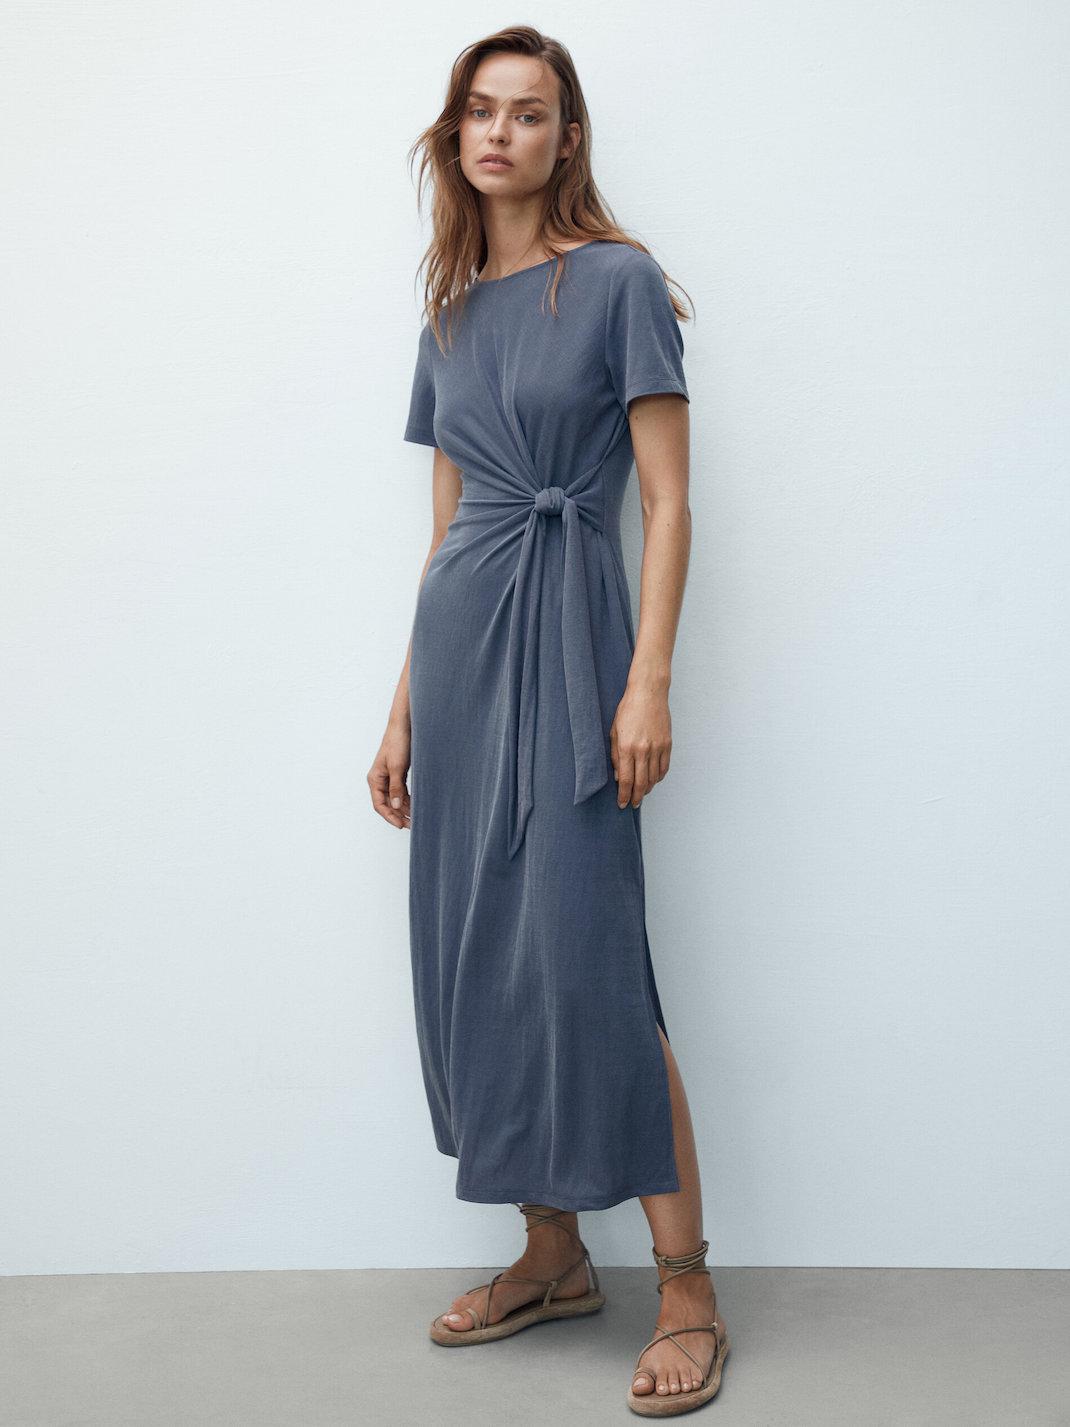 μοντέλο με φόρεμα